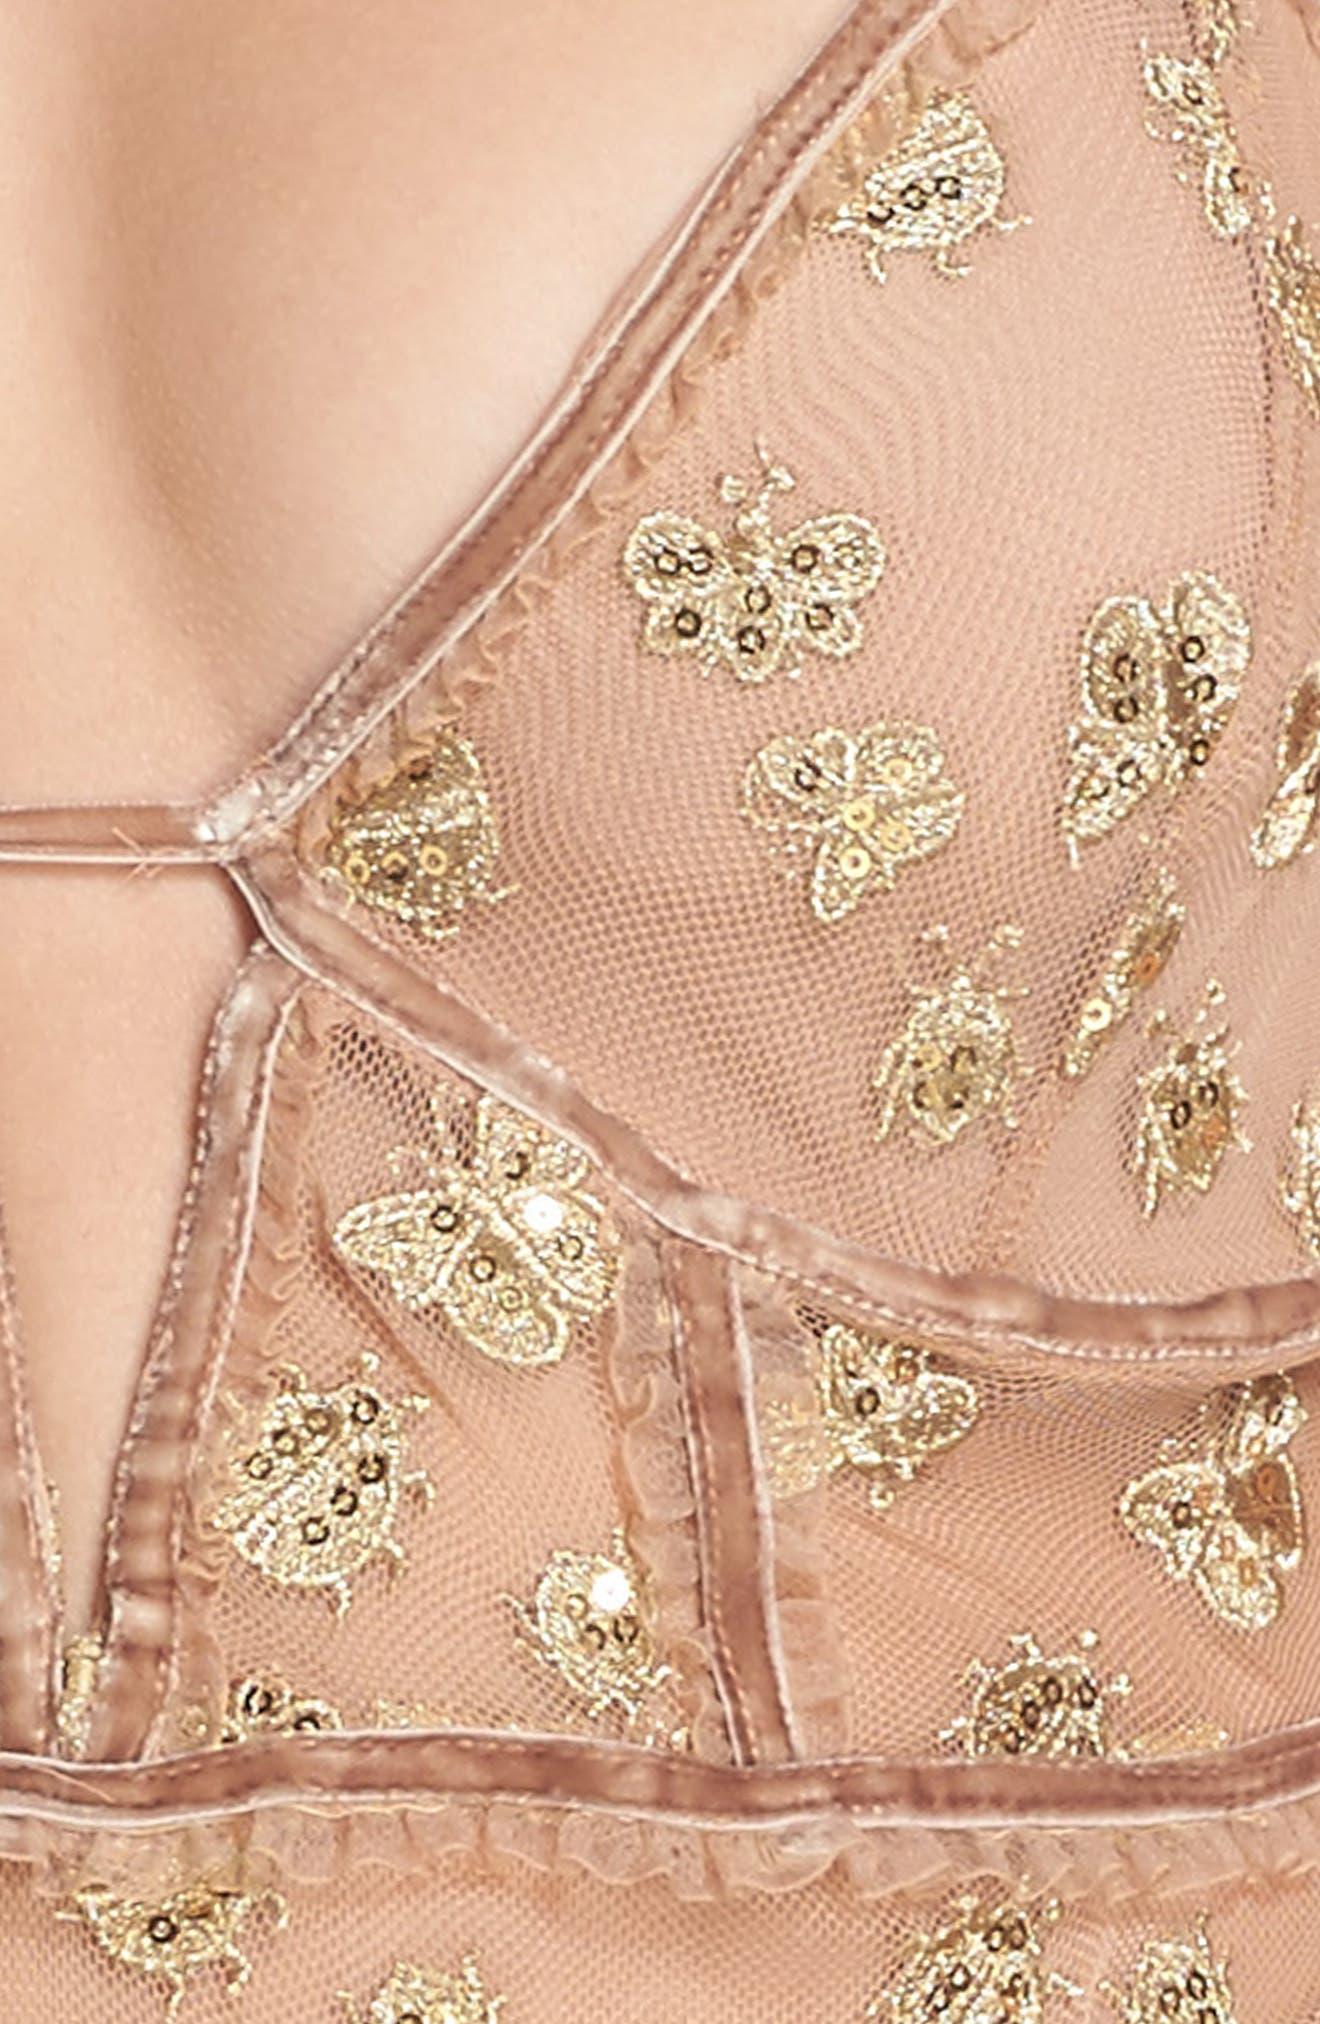 Golden Garden Embroidered Bodysuit,                             Alternate thumbnail 4, color,